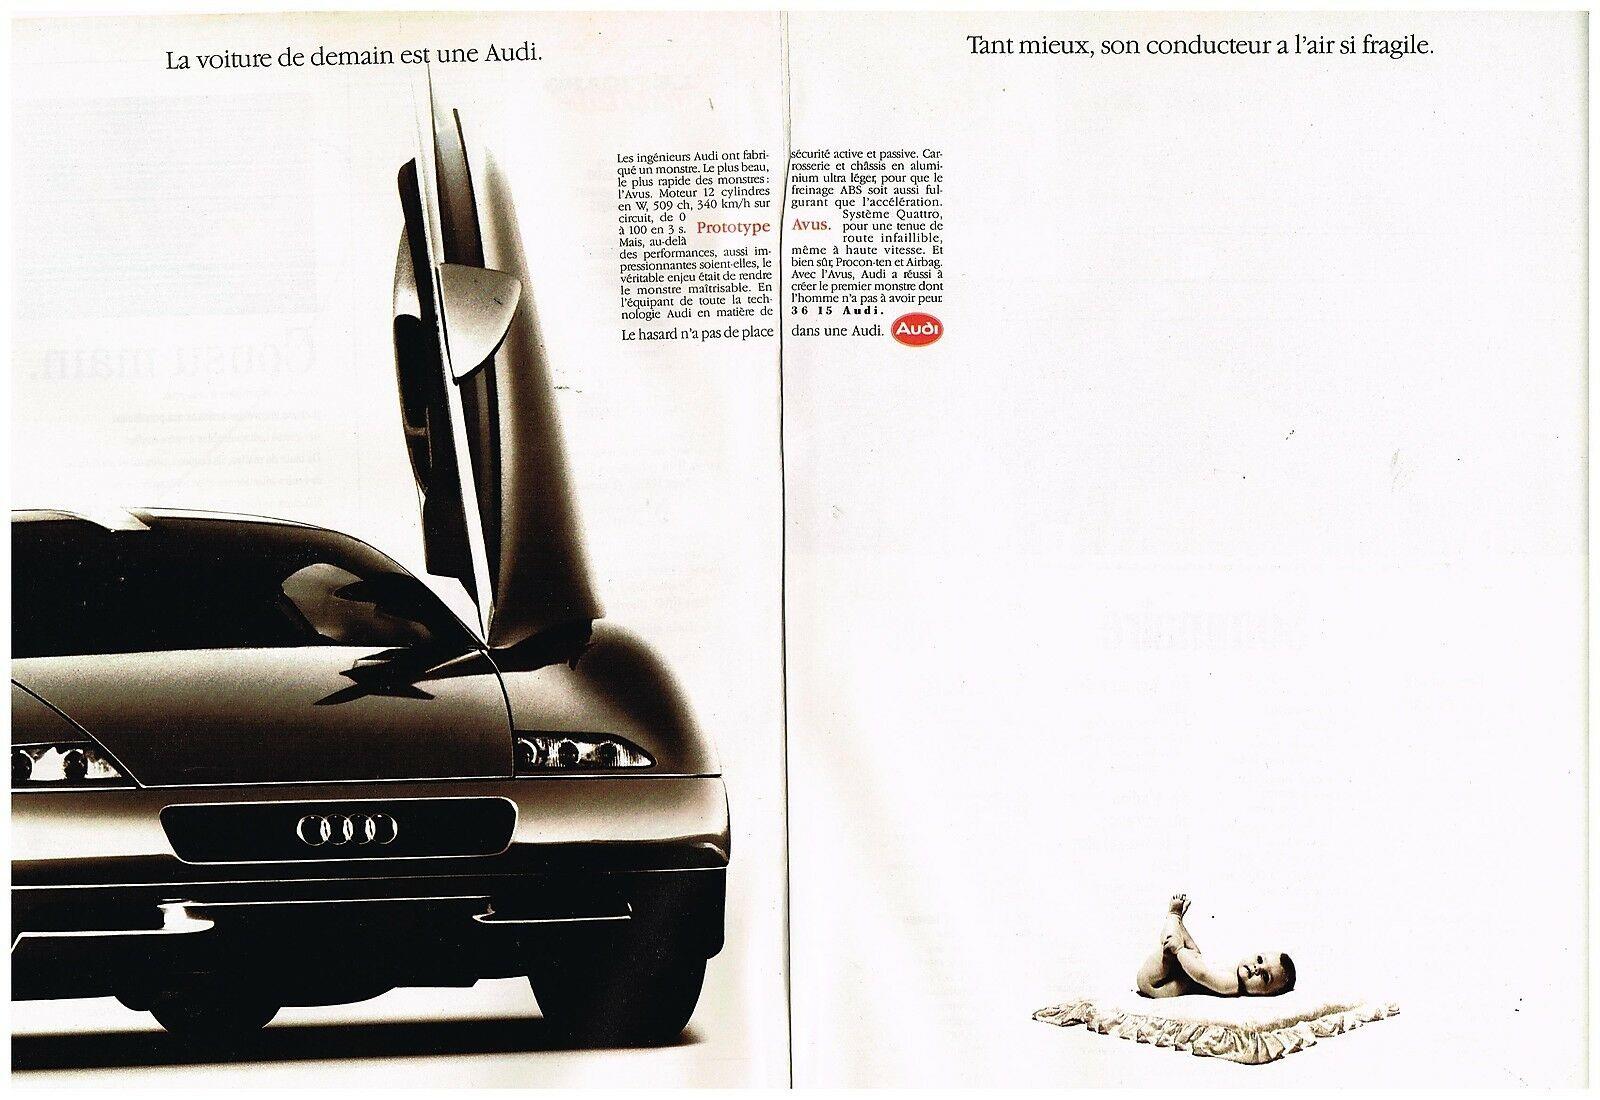 1993 Audi Prototype Avus